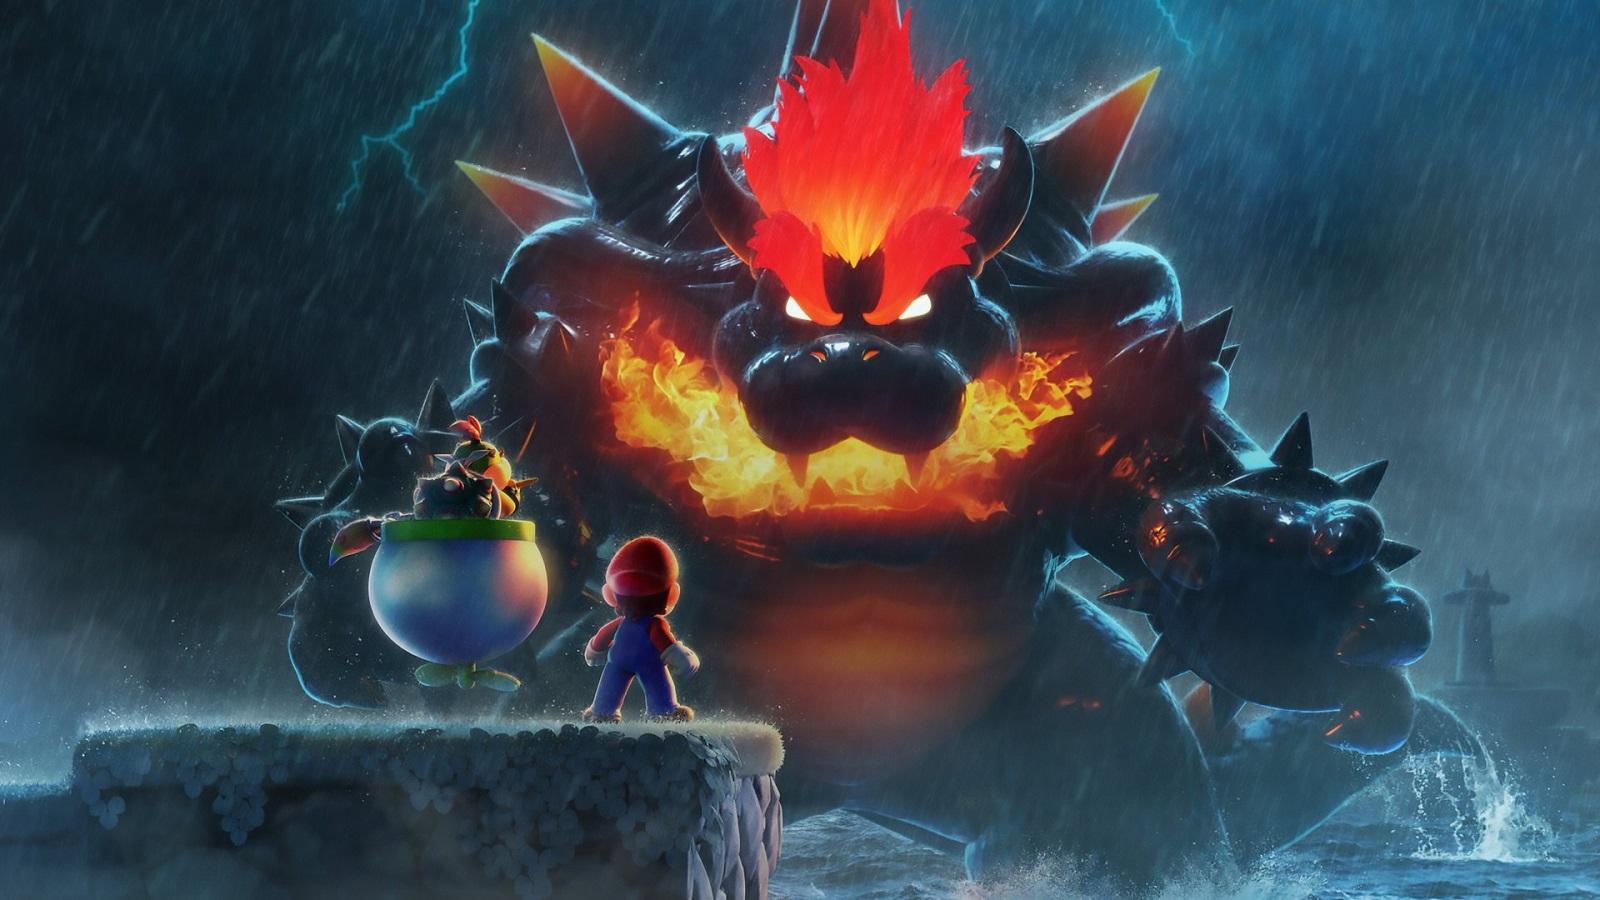 Британские чарты: ремастер Super Mario 3D World удержался в лидерах, несмотря на напор FIFA 21